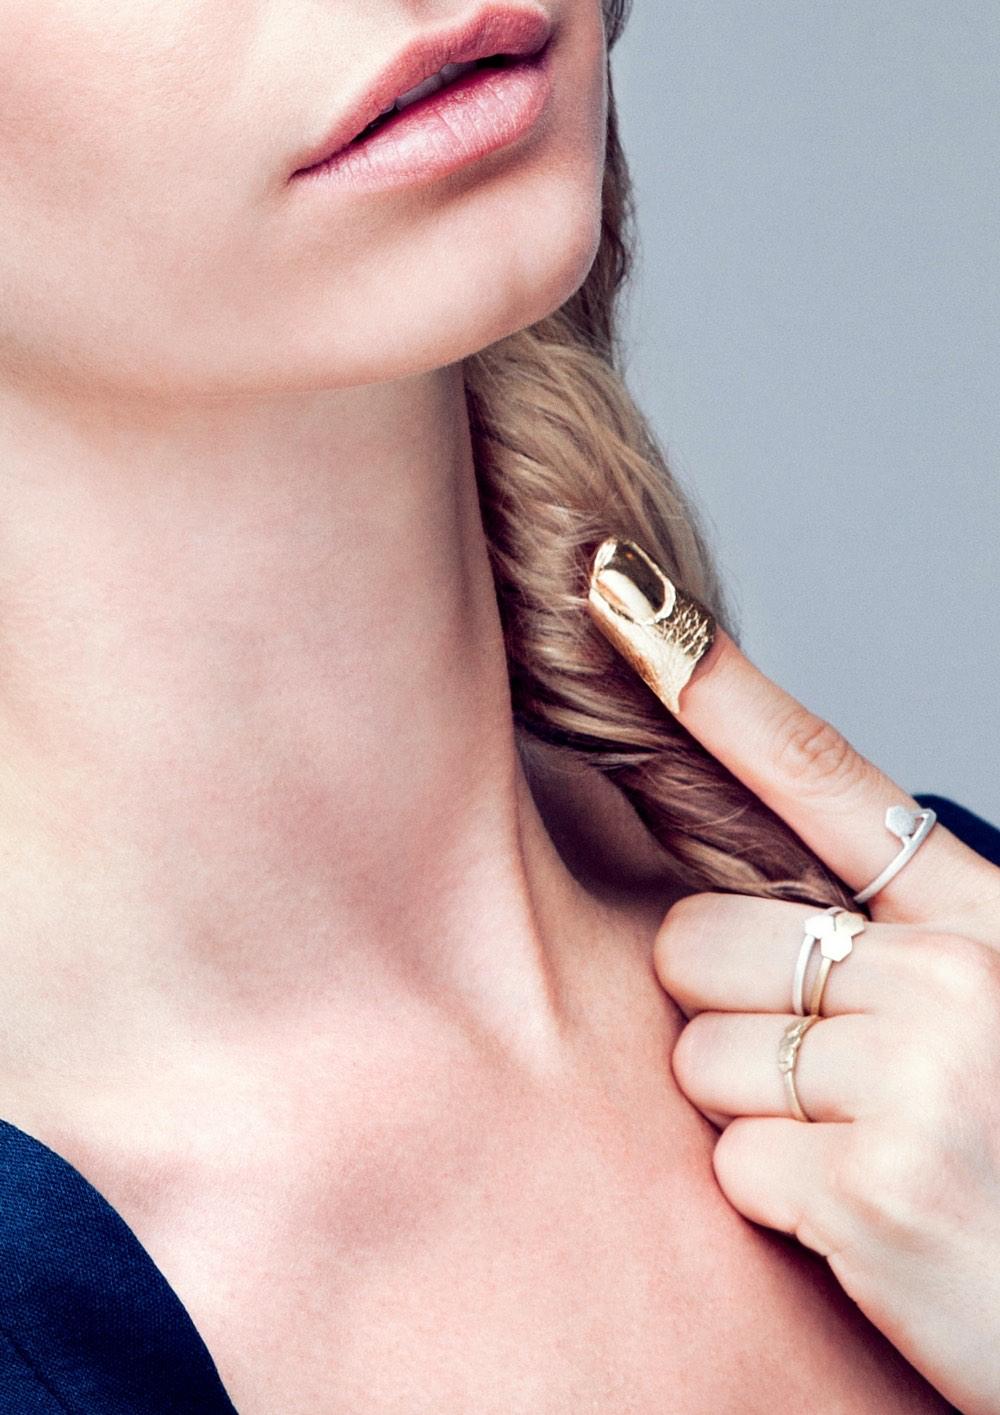 Hasla_Identitet_Showpiece_Finger_Gold_Just-Fashion_liten.jpg